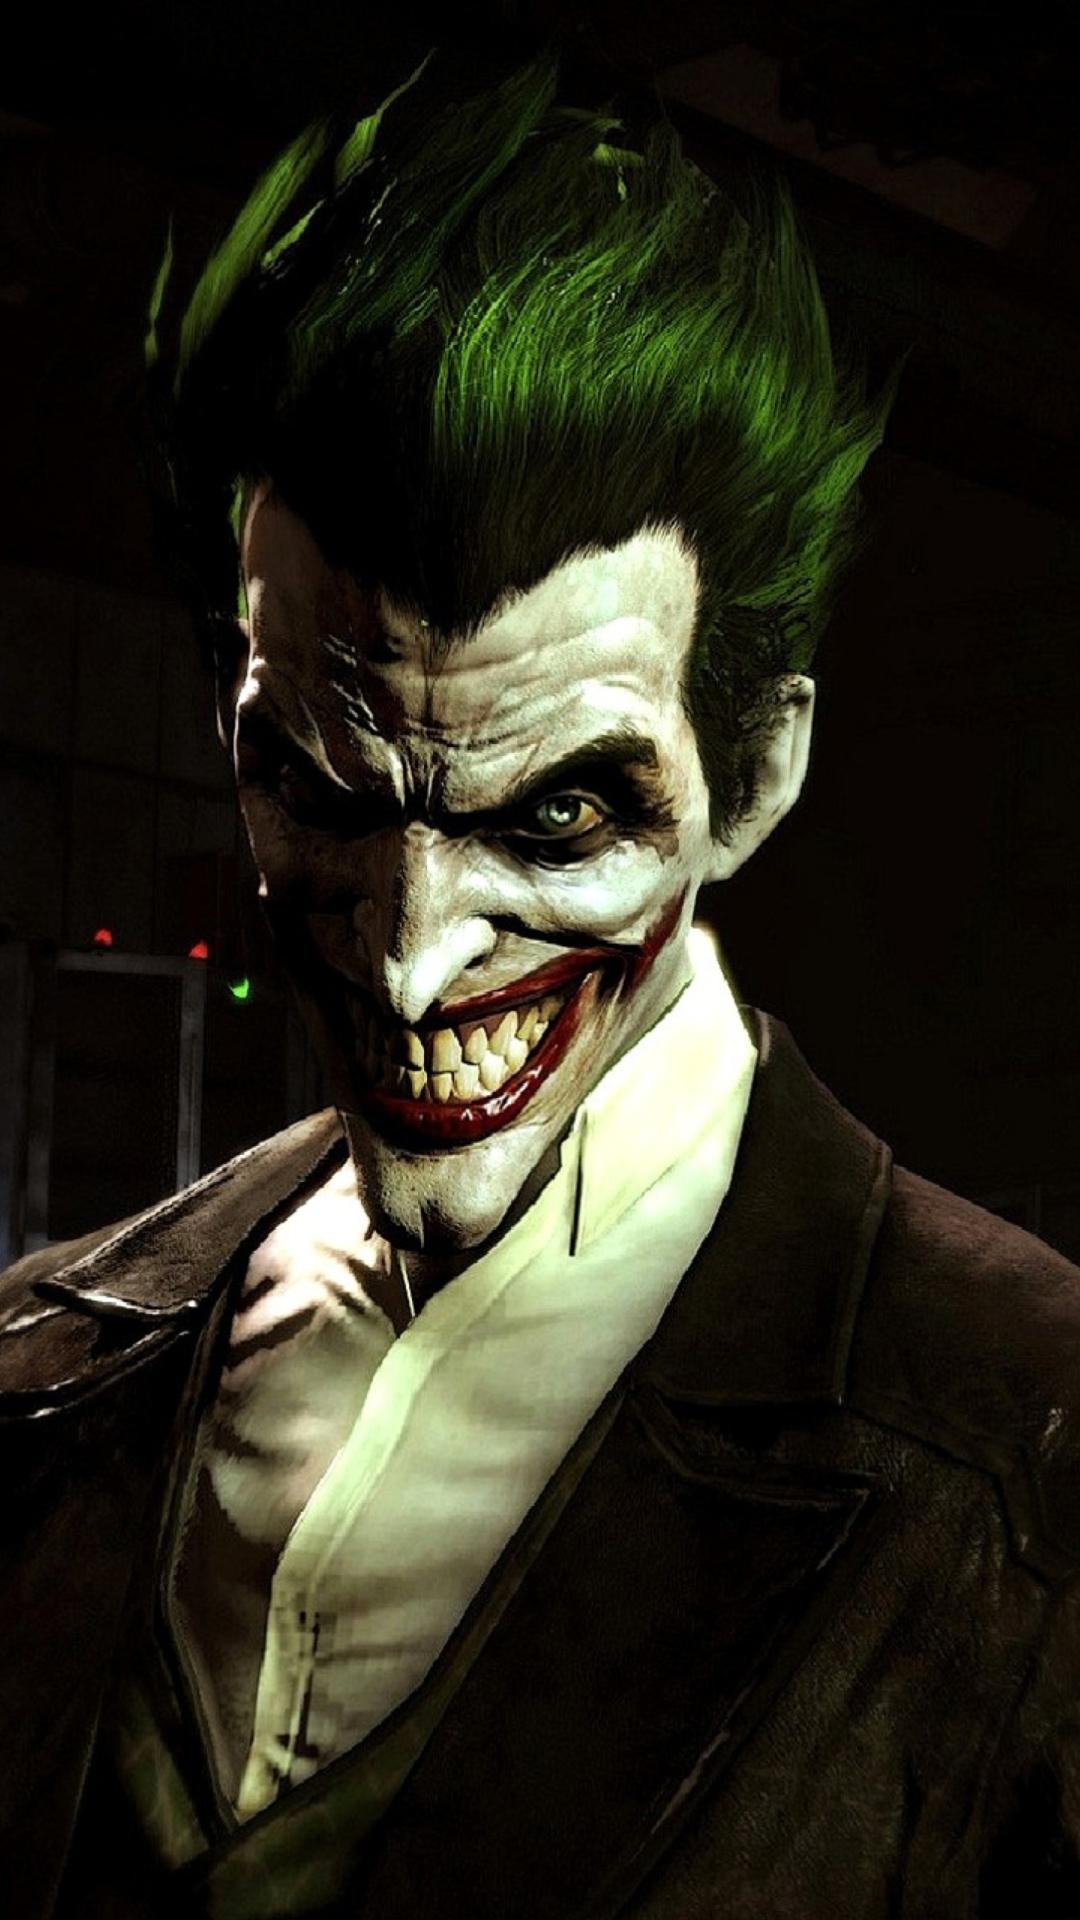 Most Inspiring Wallpaper Halloween Joker - Joker-Wallpaper-Joker-Iphone-Wallpaper-749856-joker  HD_374169.jpg